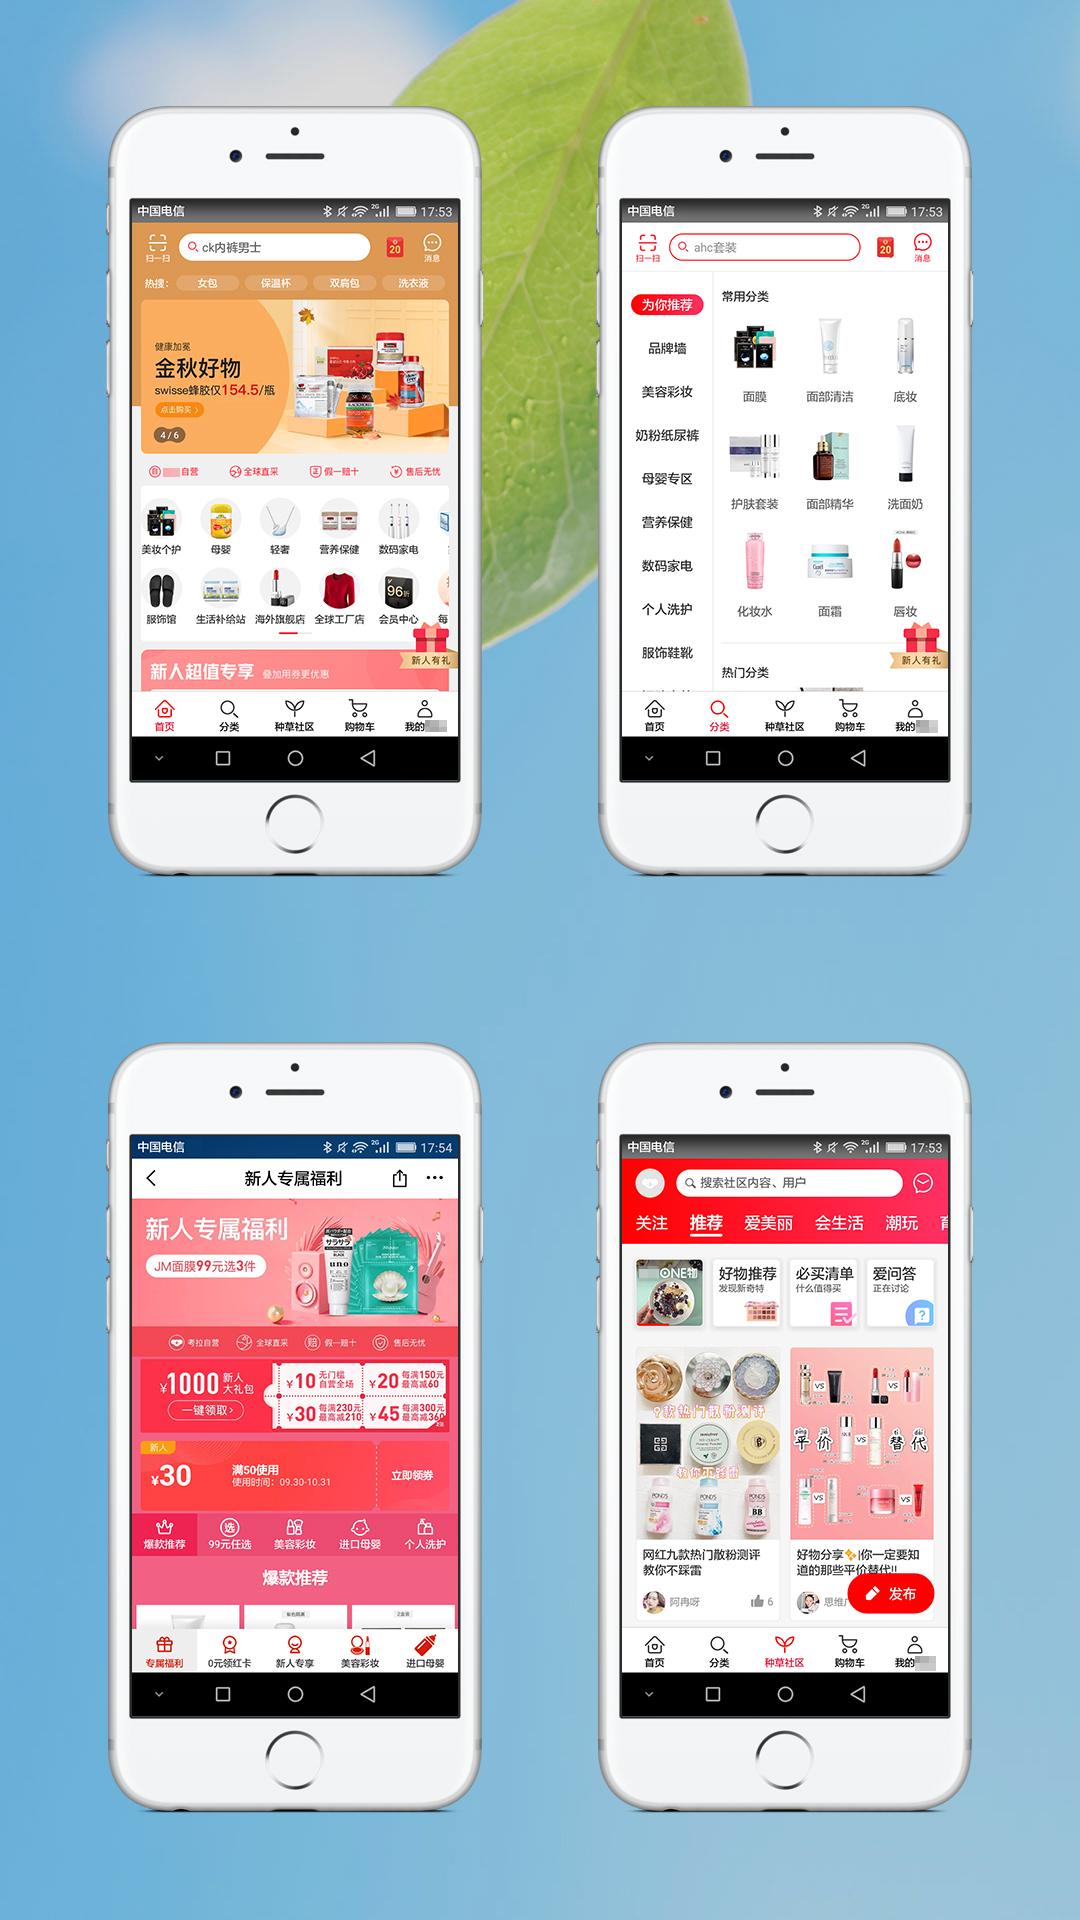 购物商城APP软件UI界面